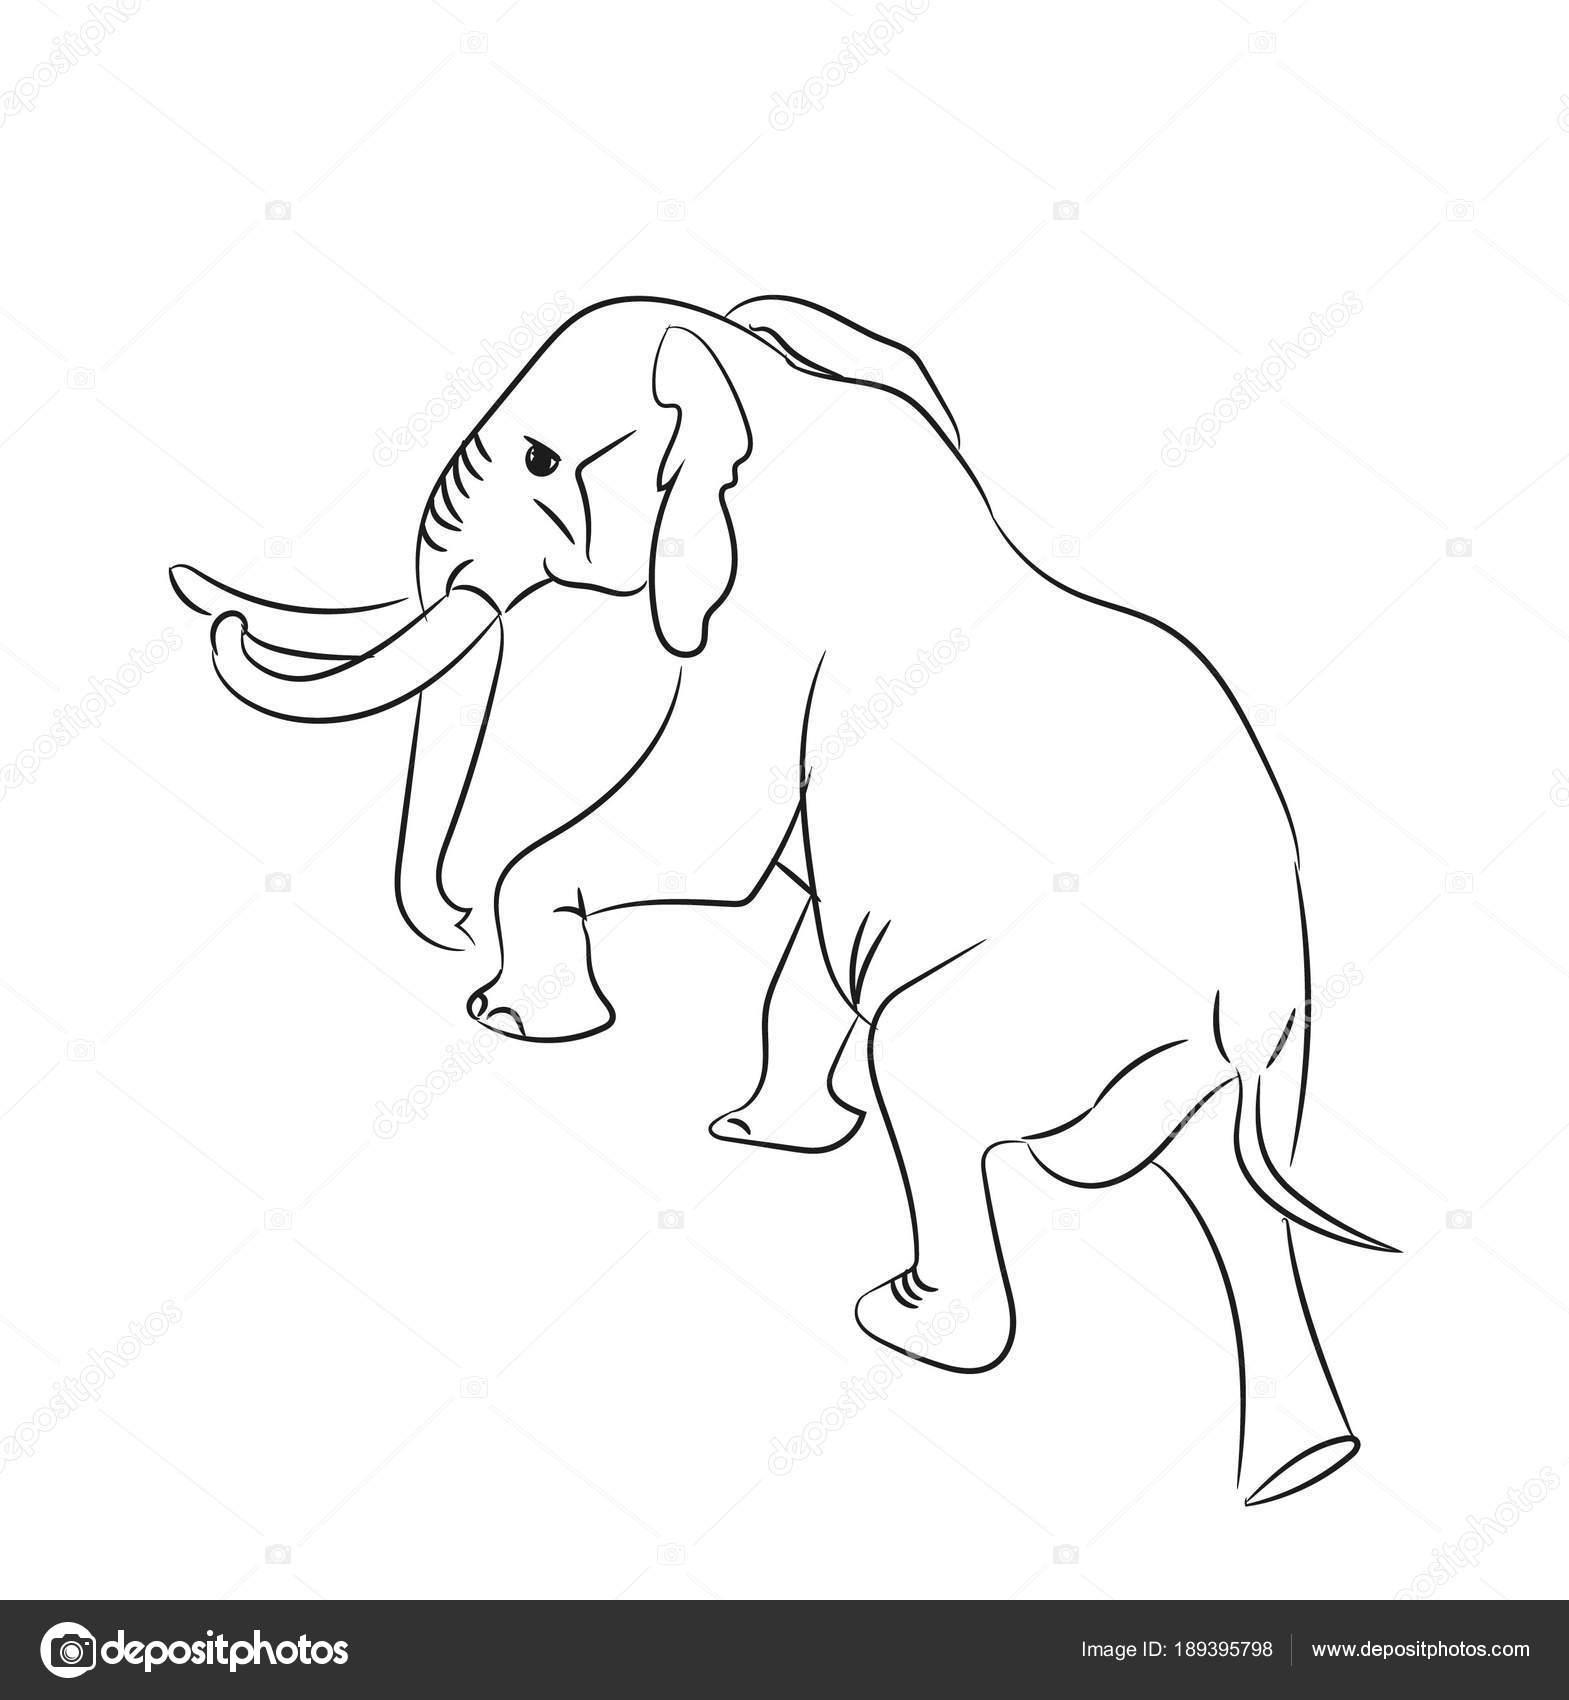 línea gráfica elefante, van, vector — Archivo Imágenes Vectoriales ...